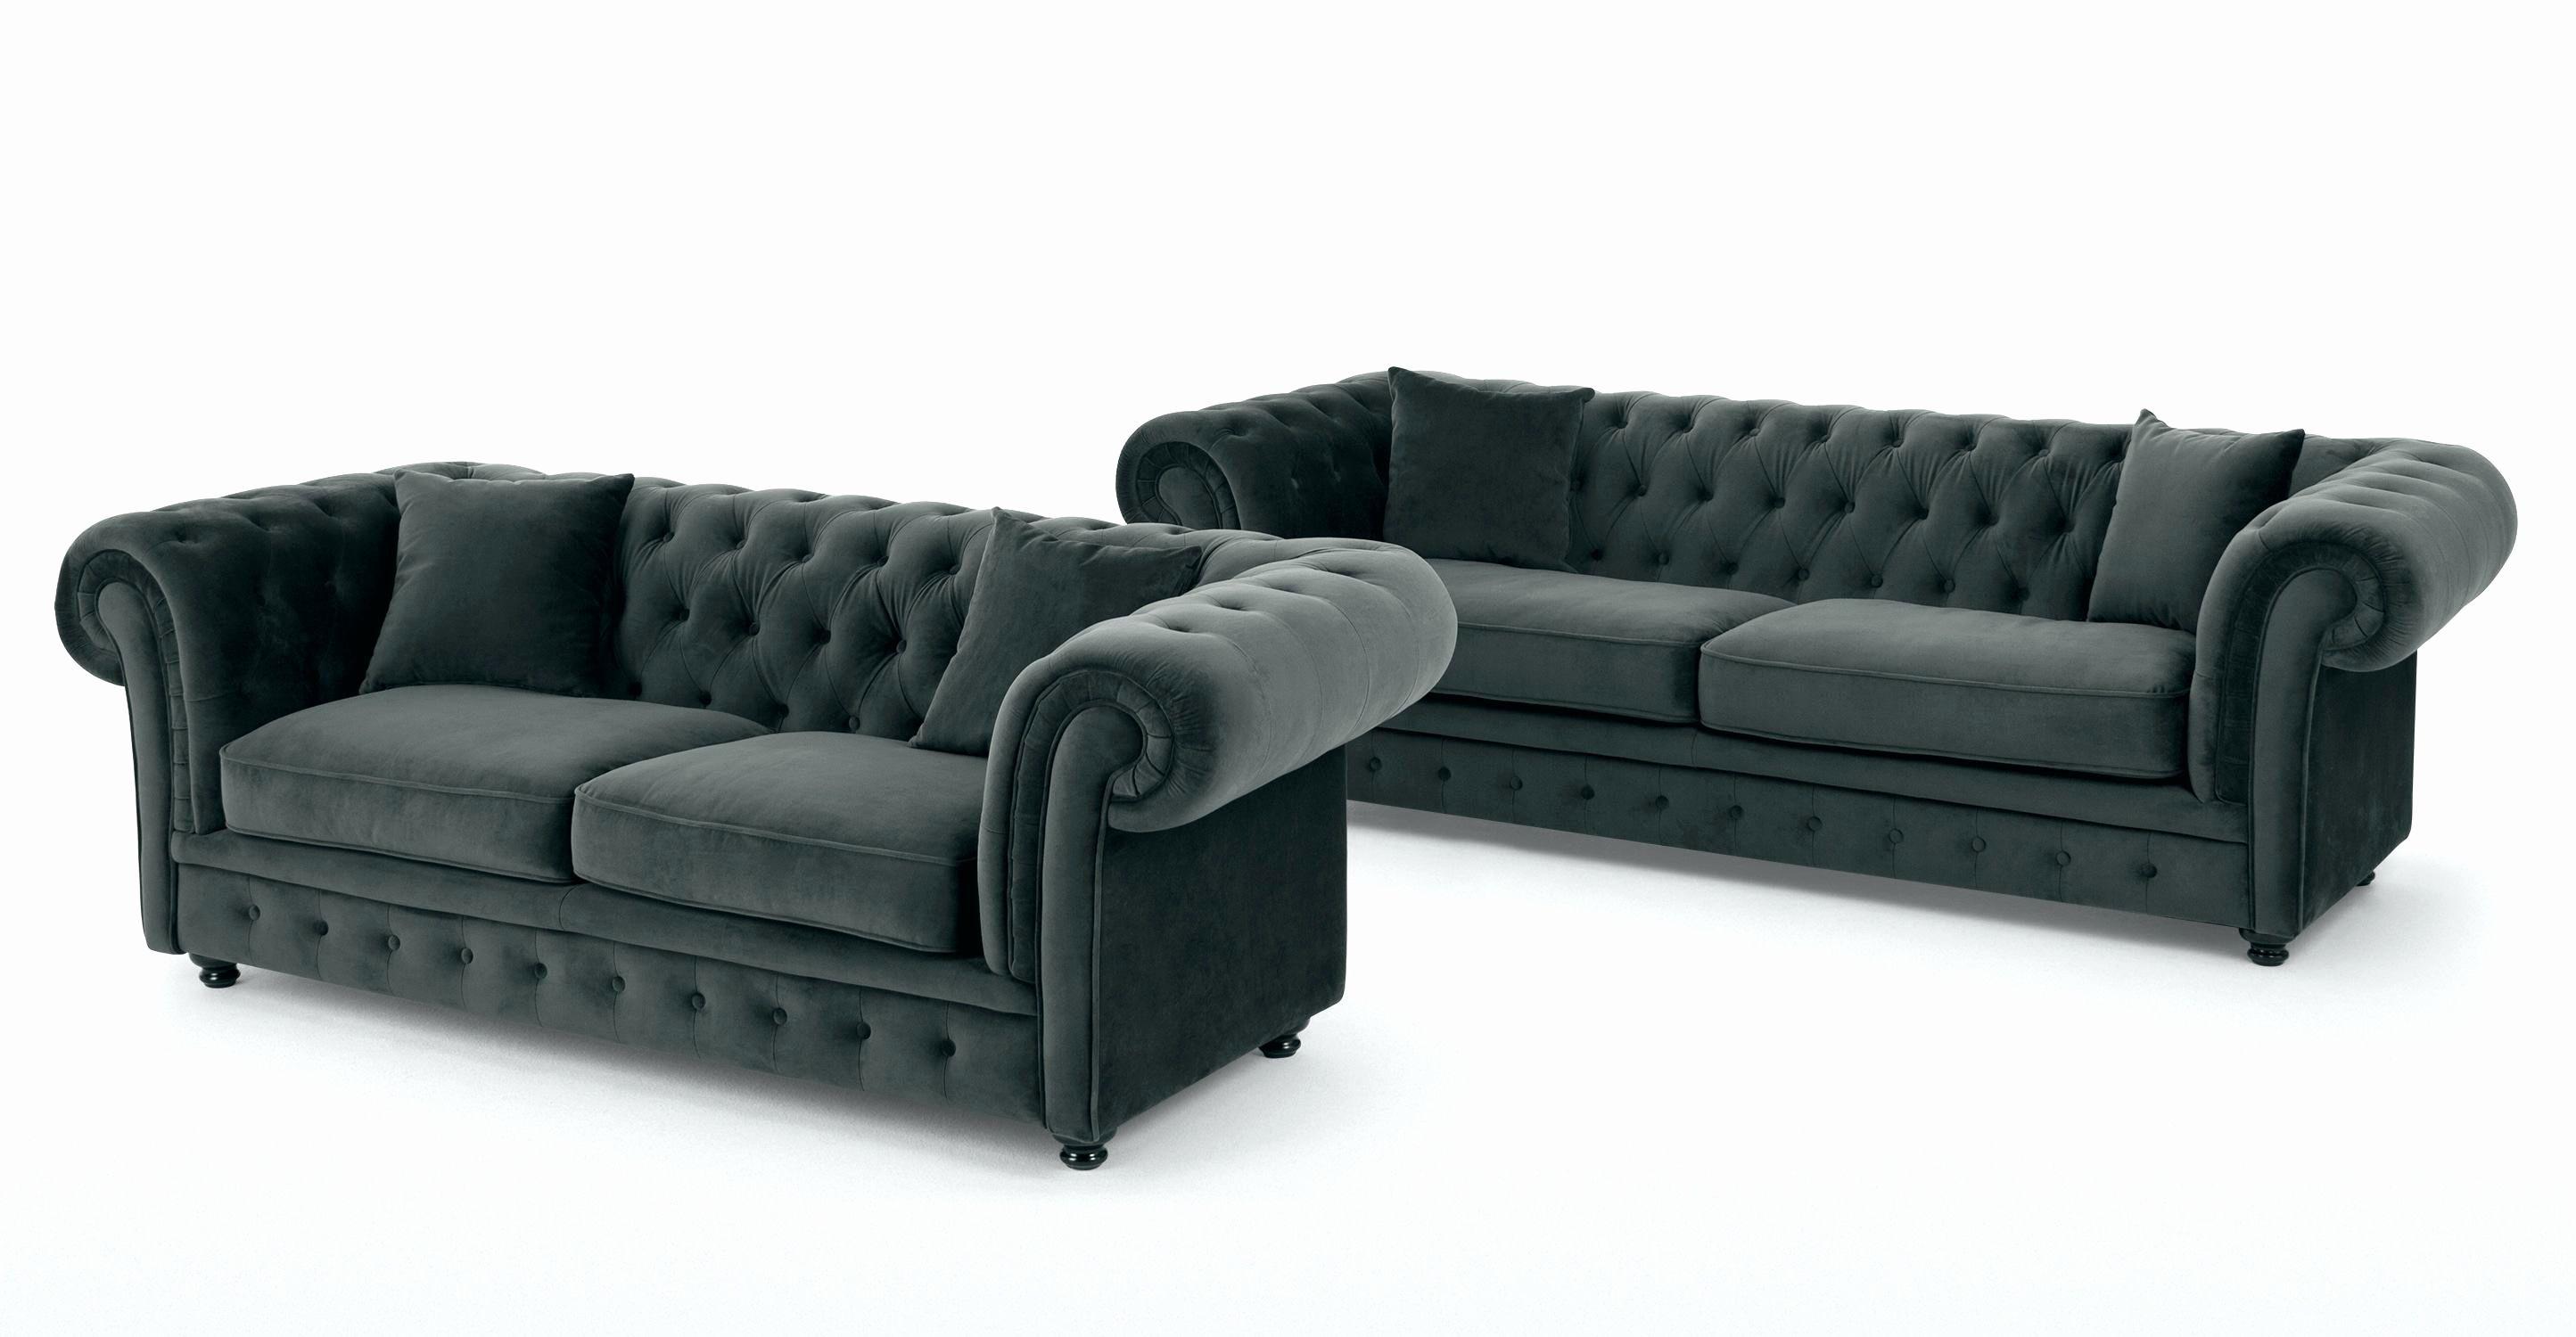 Best Of Blue Velvet Chesterfield Sofa Image Blue Velvet Chesterfield Sofa  Luxury Grey Leather Chesterfield Sofa